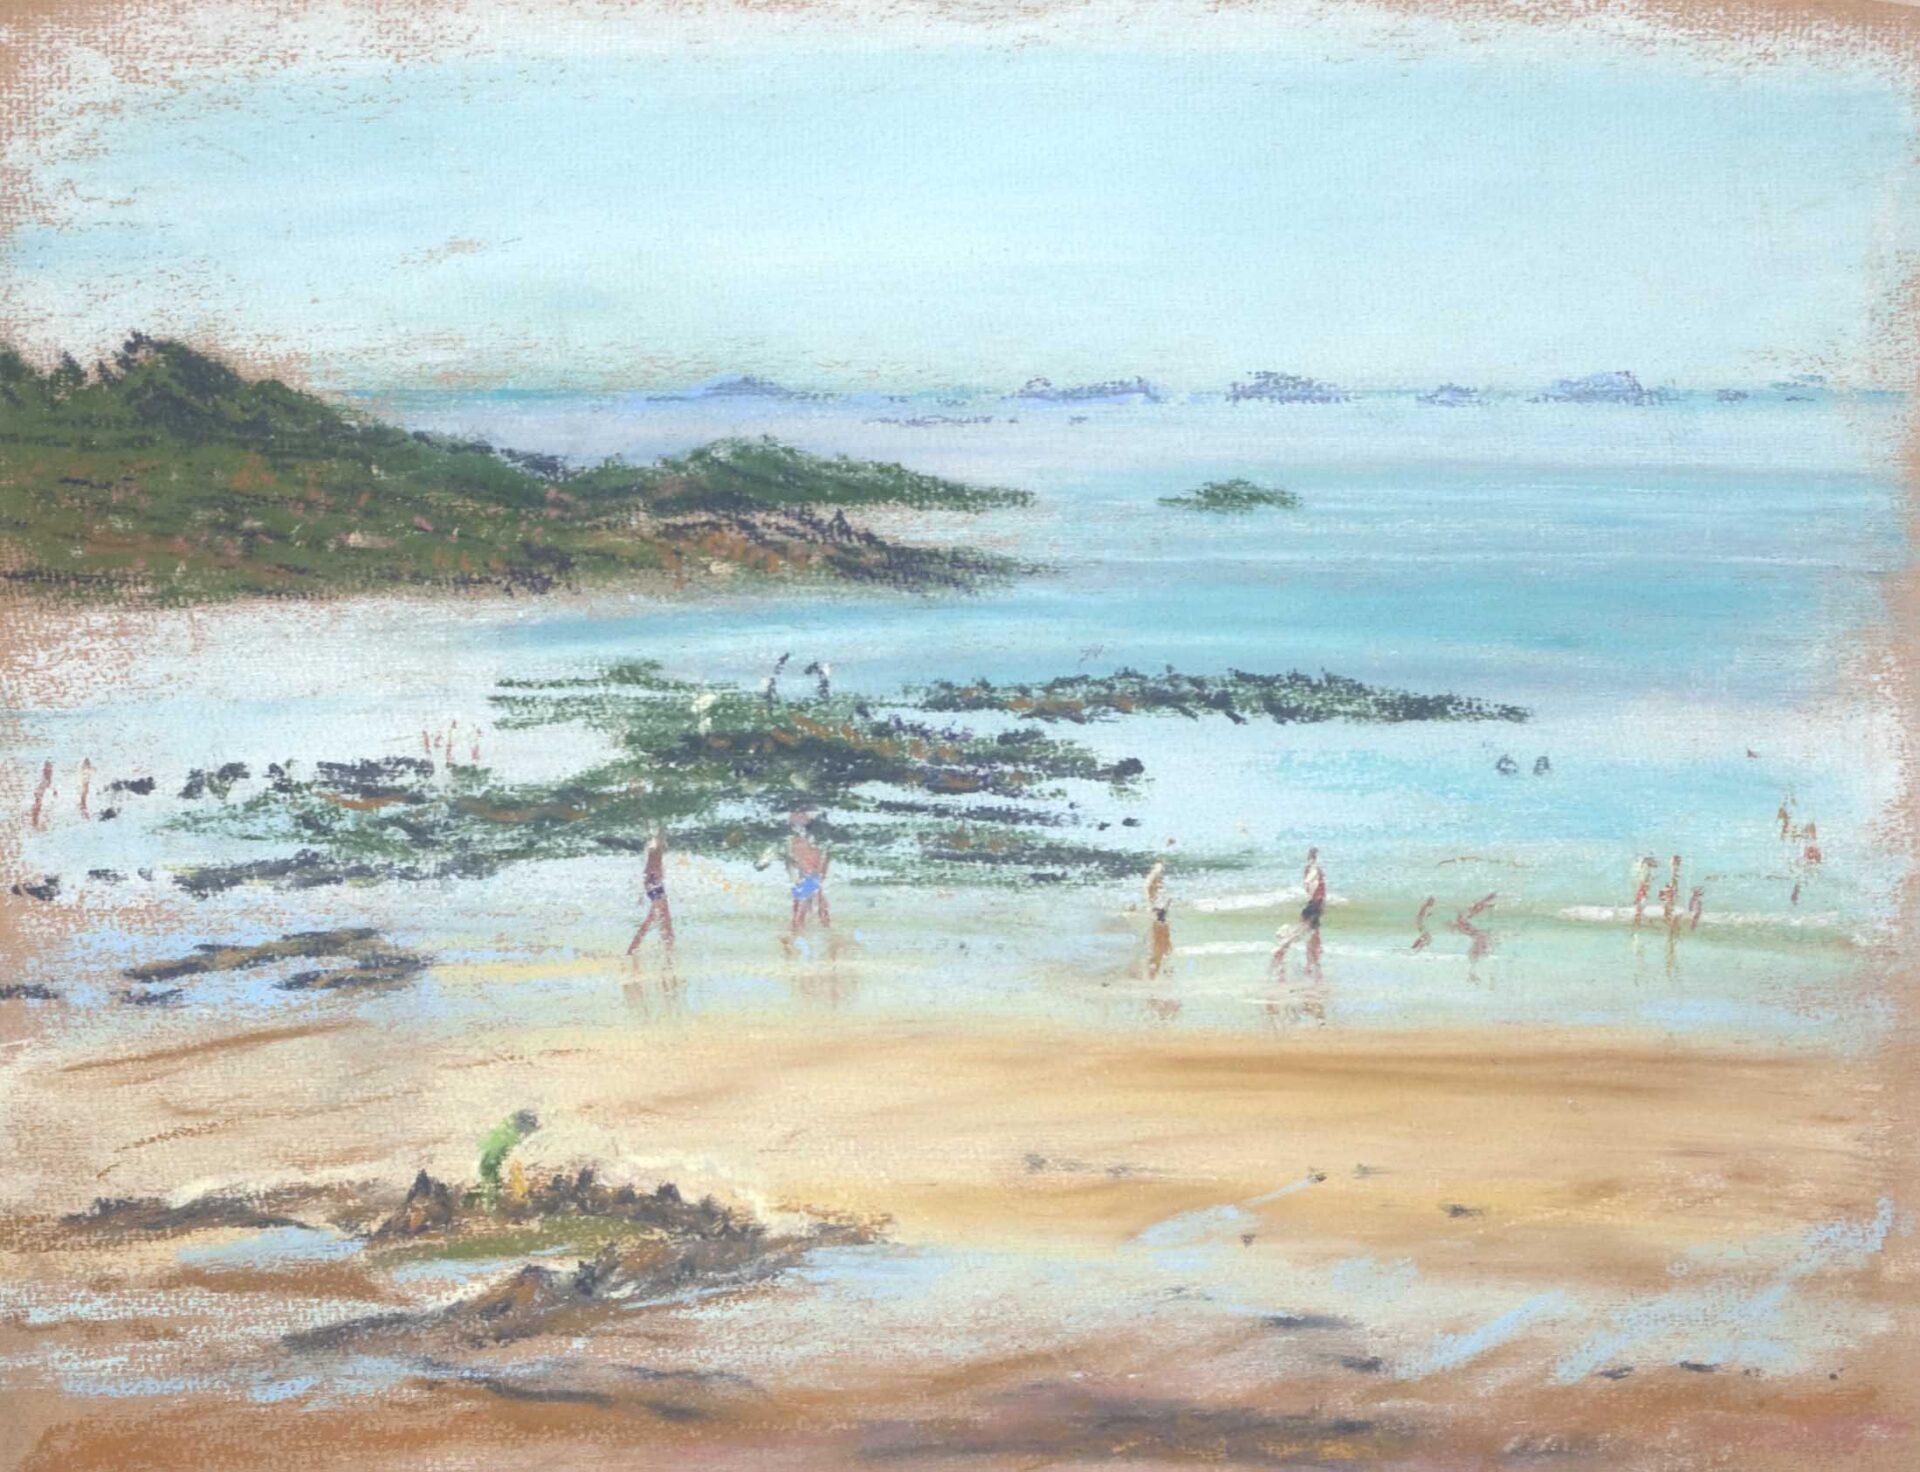 schilderij pastel strand met zwemmers en rotsen Bretagne Frankrijk